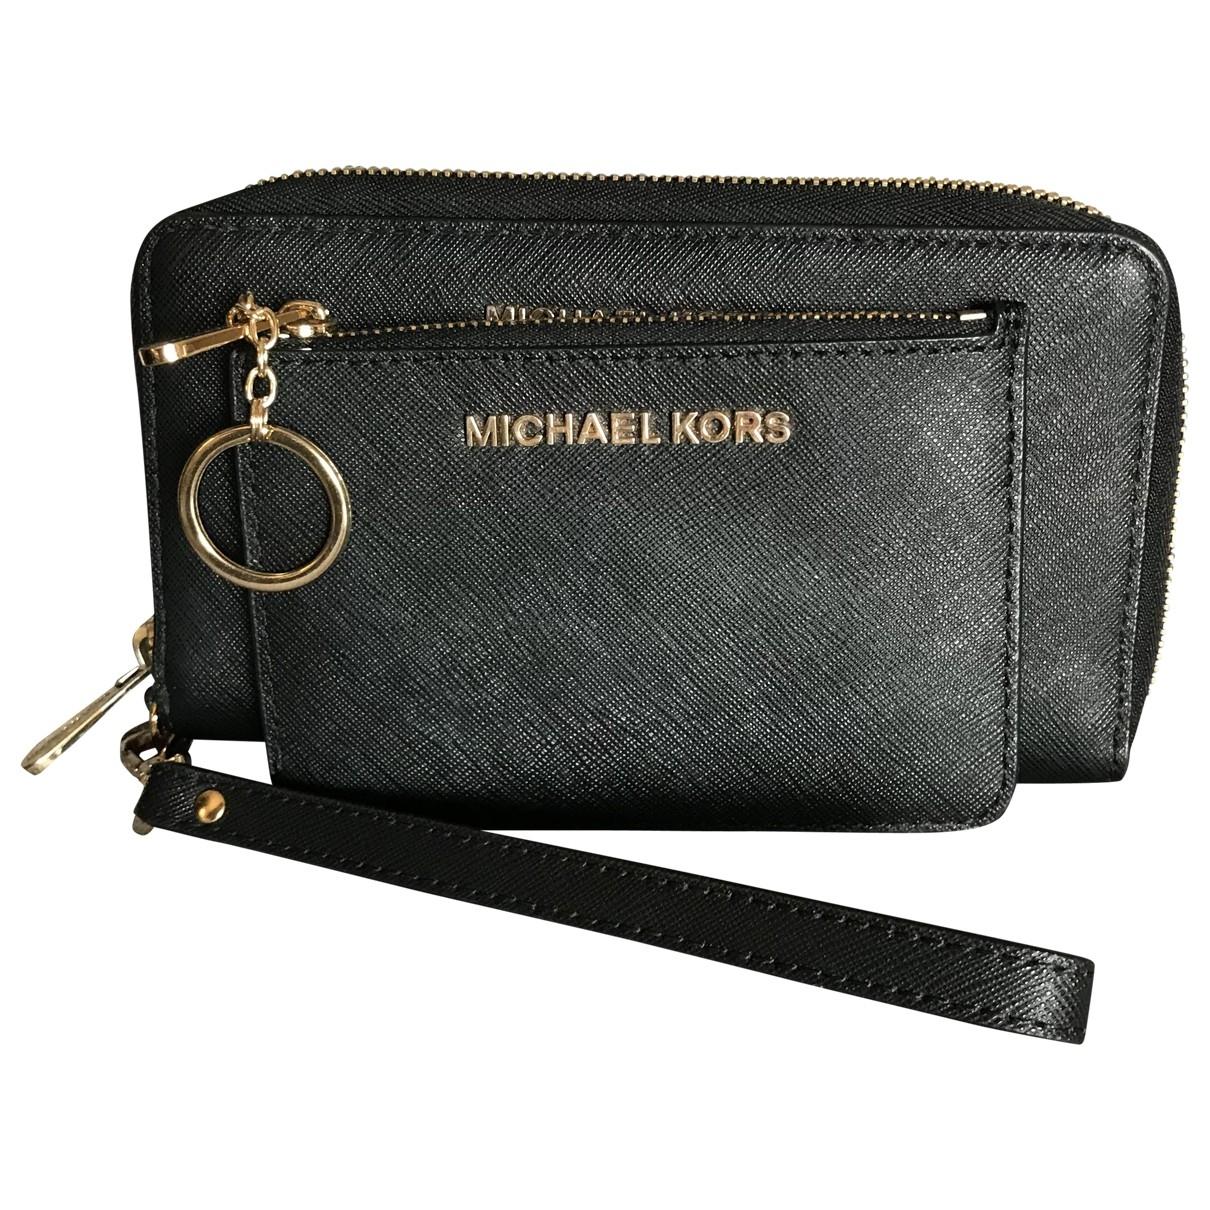 Michael Kors - Portefeuille Jet Set pour femme en cuir - noir